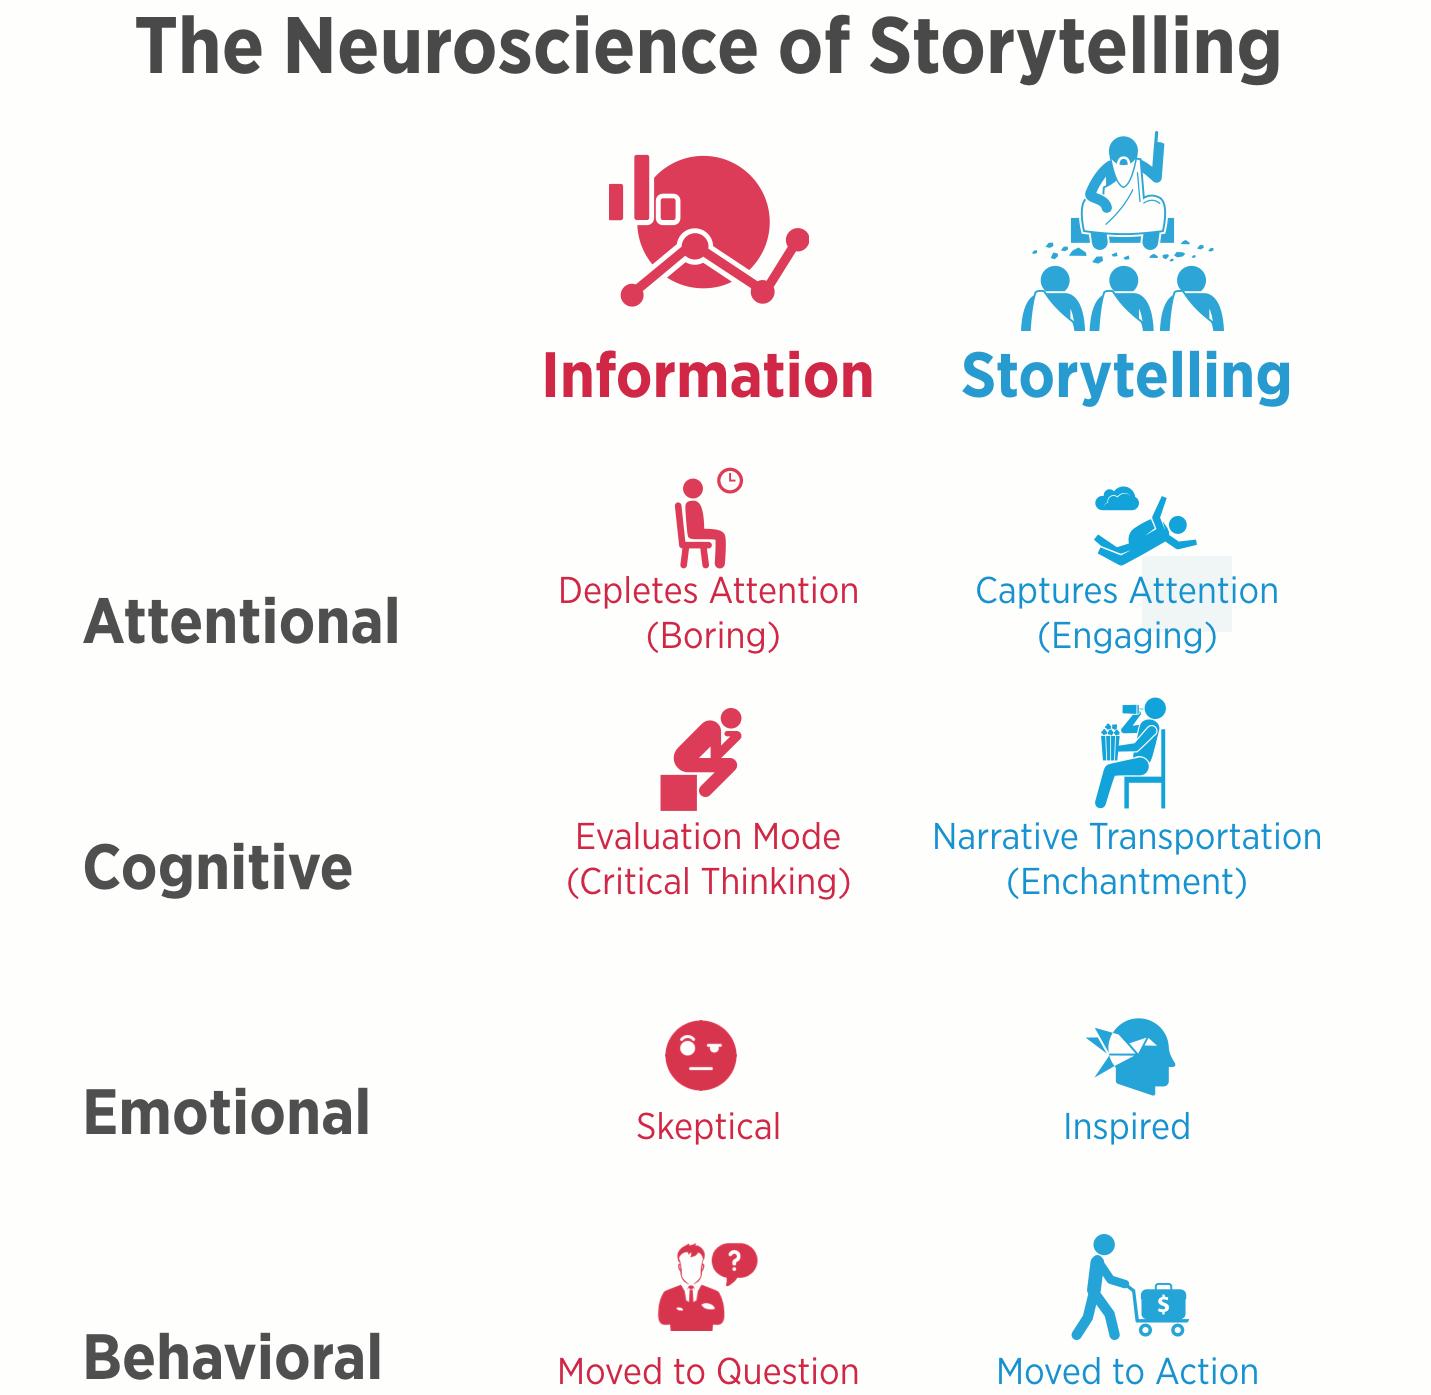 neuroscience-of-storytelling-sharper.png